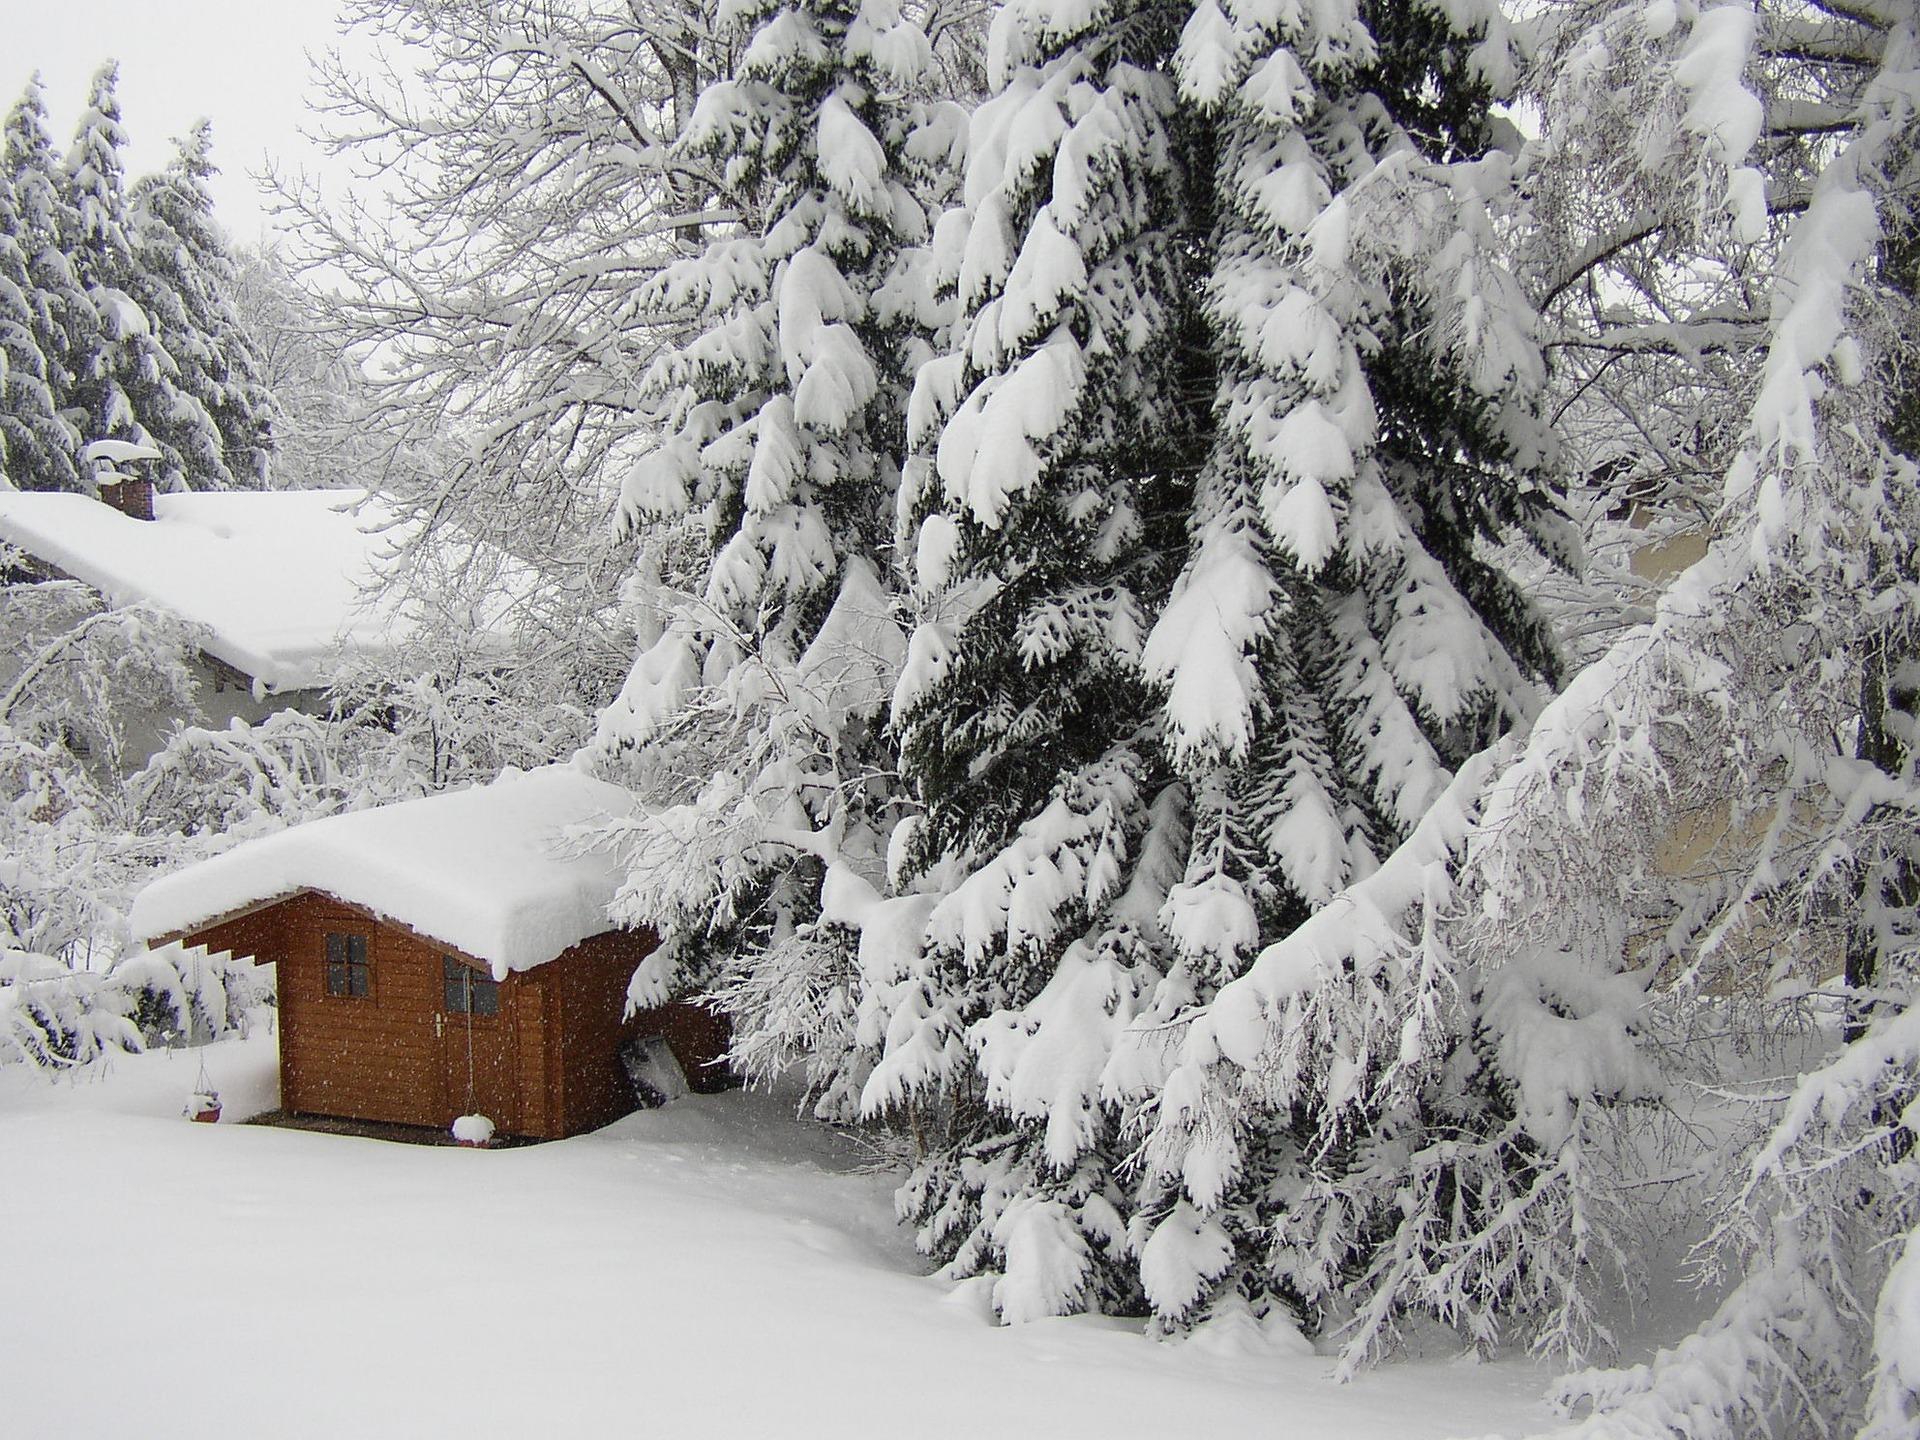 Bei der Schneelast auf den Bäumen kommt es auch darauf an, ob es sehr nasser, schwerer, oder trockener, leichterer Schnee. - Photocredit: pixabay.com/Separatus